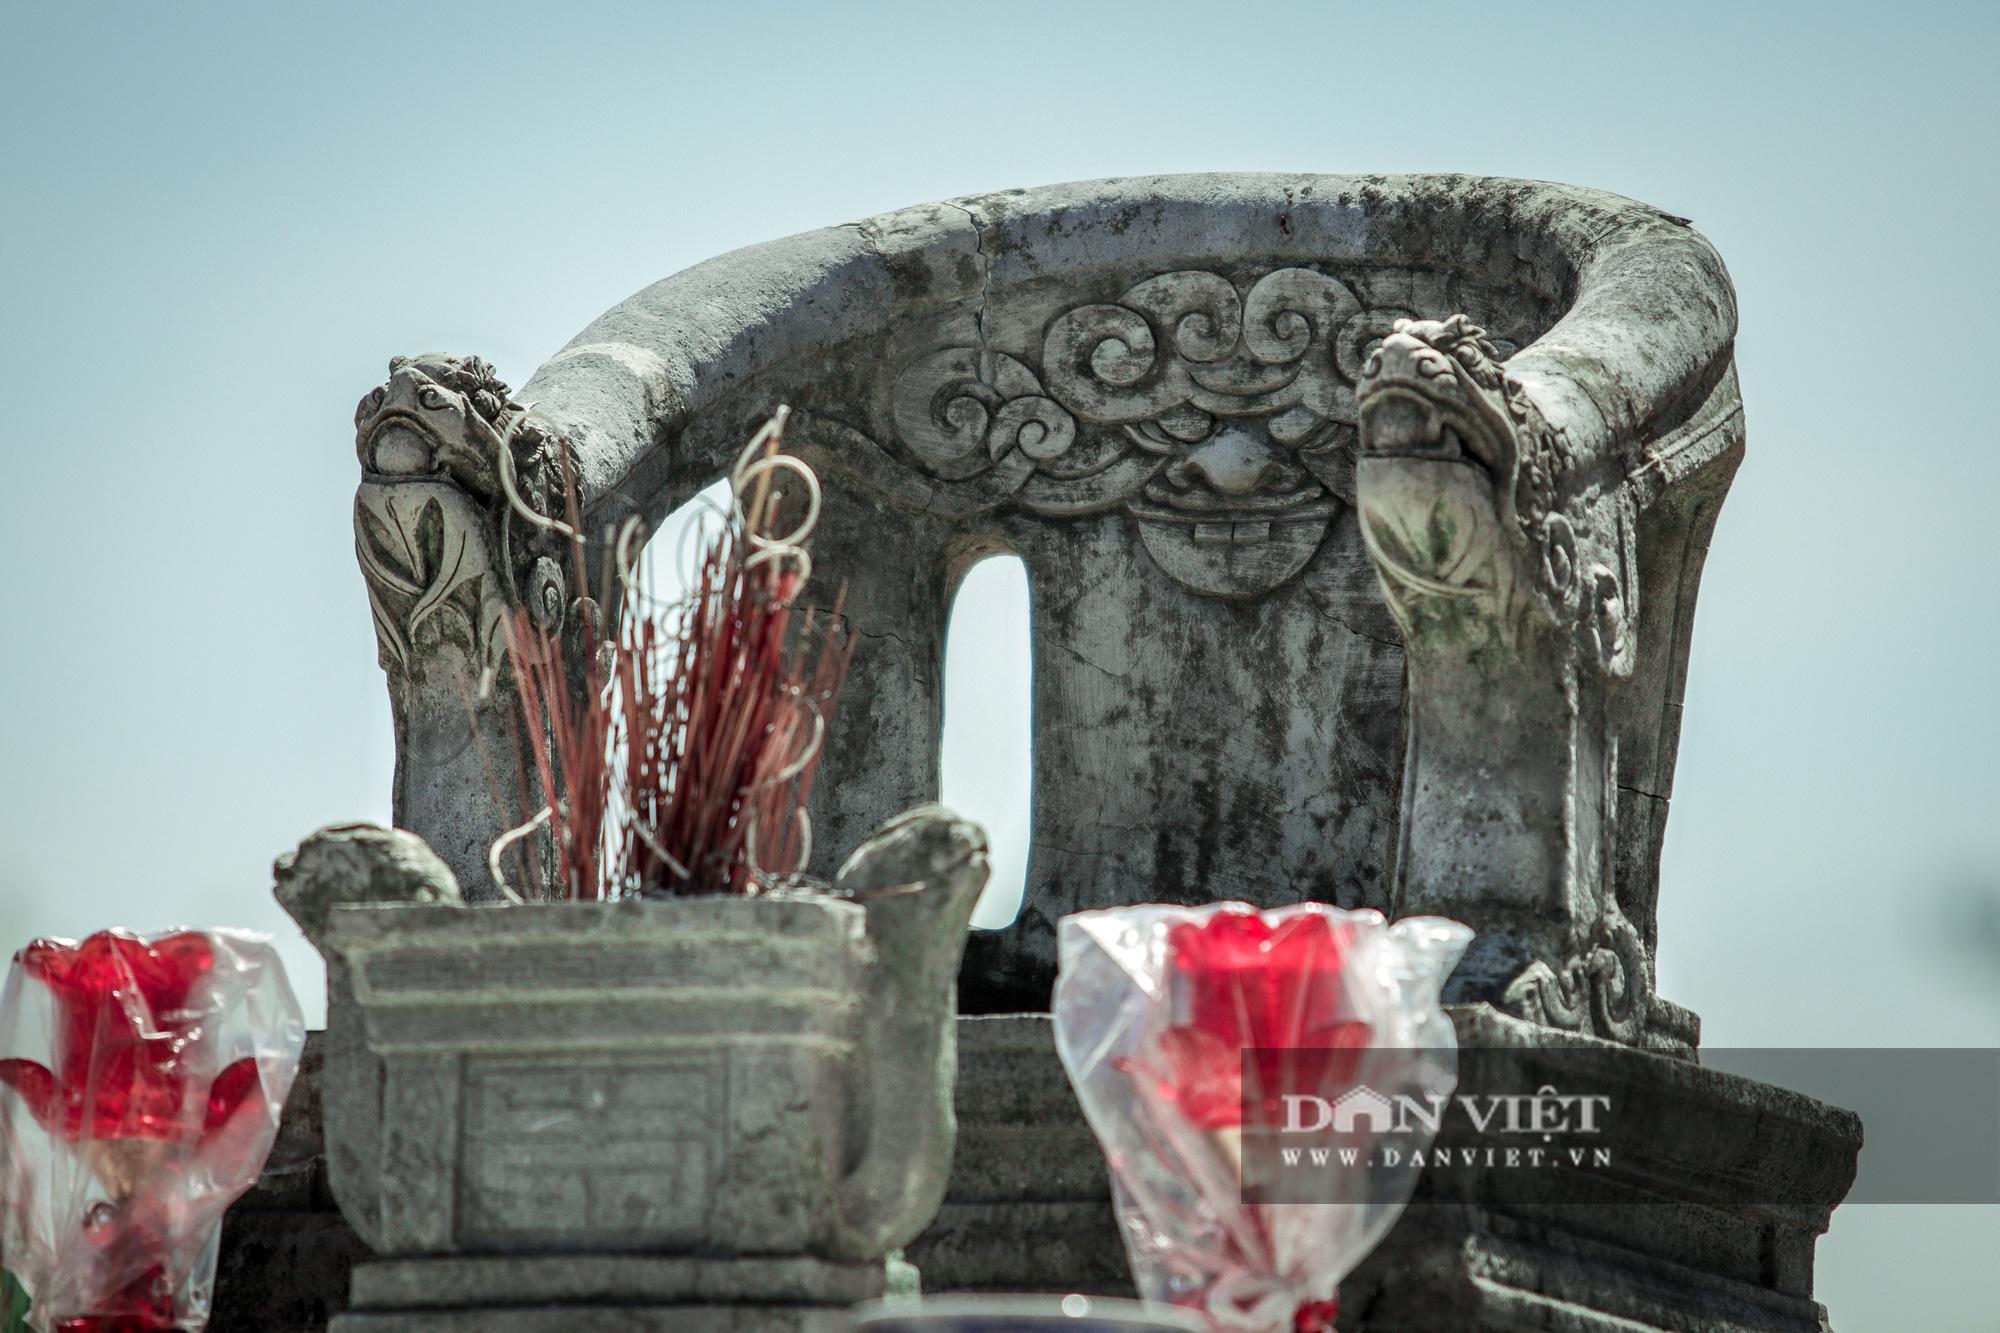 Bí ẩn lăng mộ đá ở Hà Nội bị 2 trận lũ lớn vùi lấp suốt hàng trăm năm - Ảnh 6.